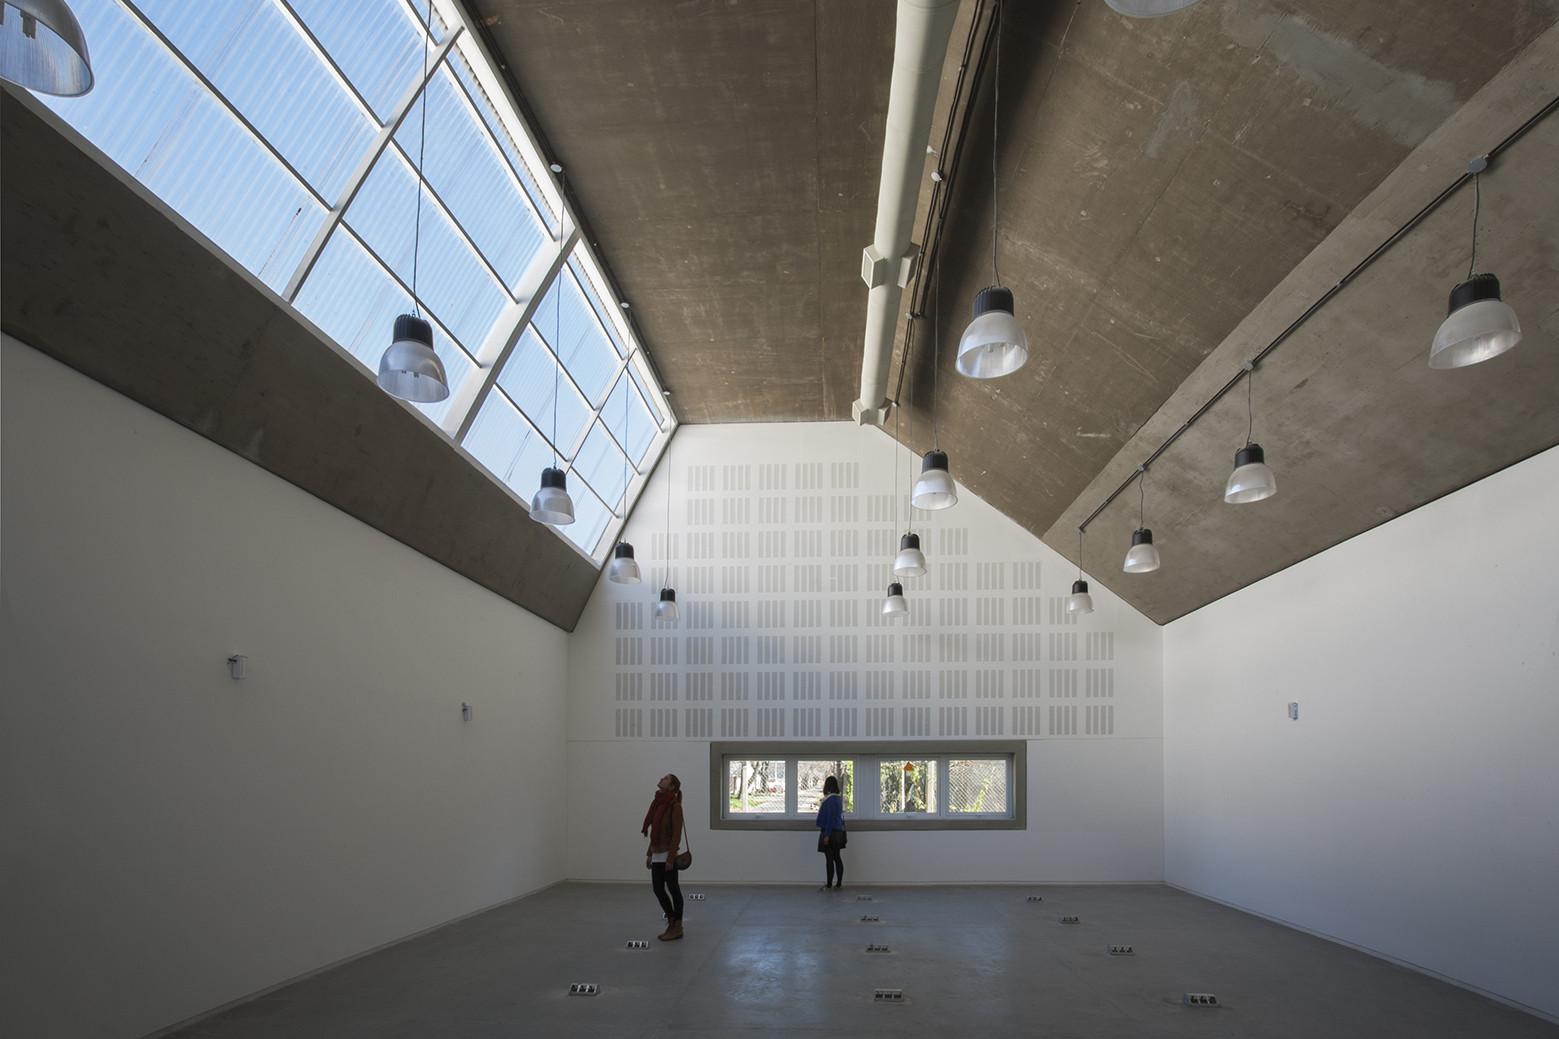 Escuela de Ingeniería Civil y Auditorio CUR / Gerardo Caballero, Maite Fernández, © Gustavo Frittegotto